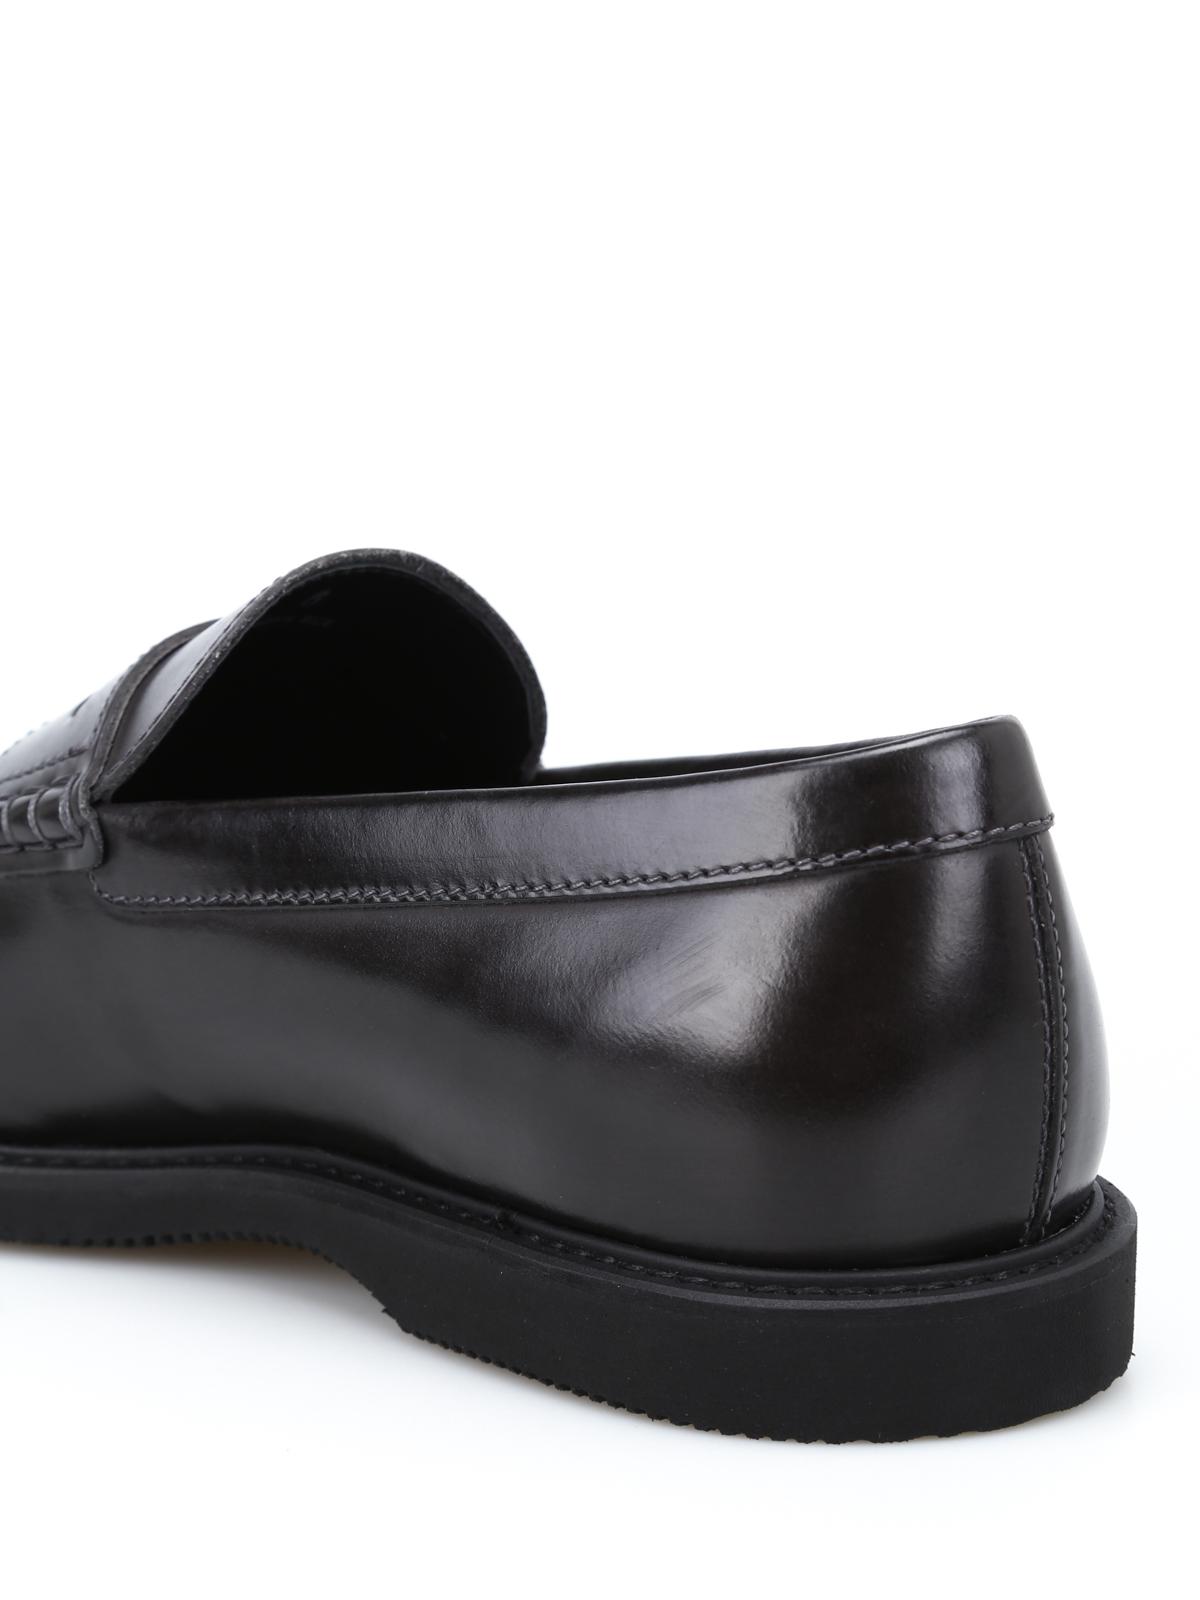 Guardolo loafers Hogan Y1hzIK2